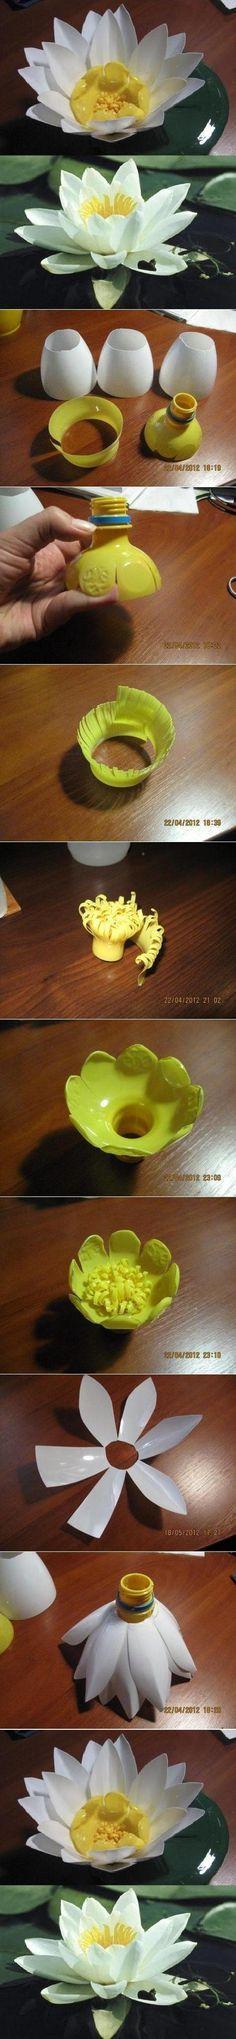 Flor de loto reciclando